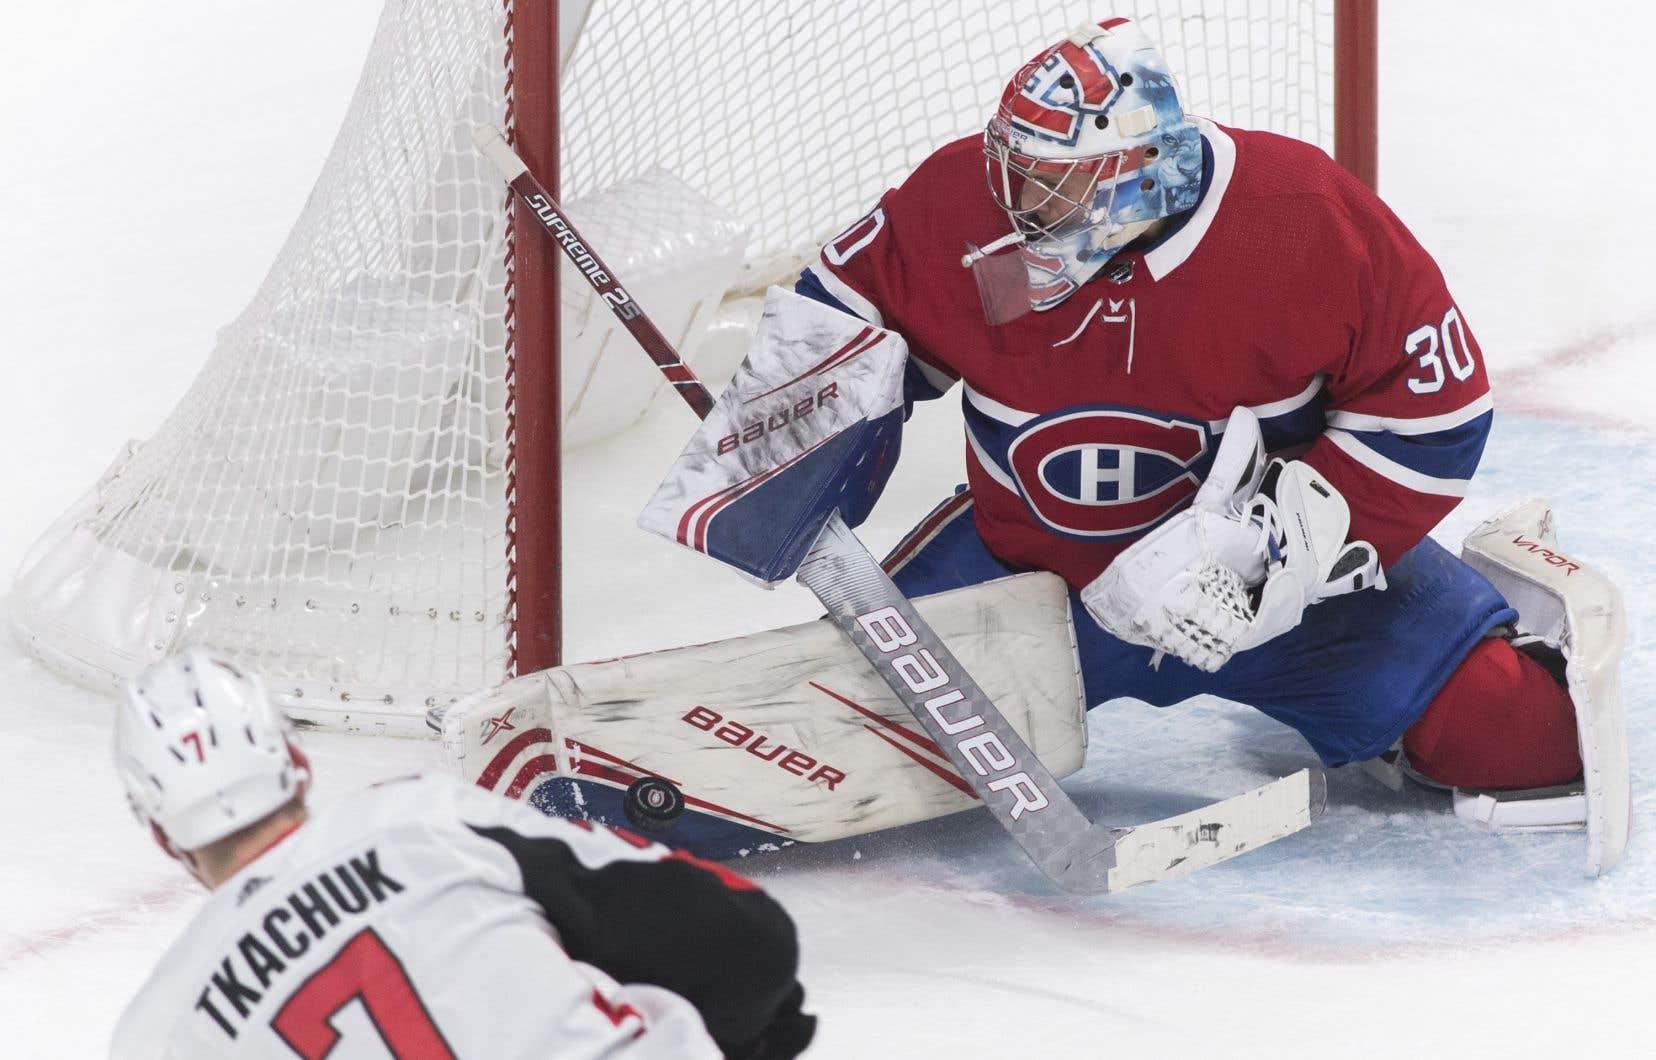 Le gardien Cayden Primeau a brillé lors de la victoire du Canadien face aux Sénateurs d'Ottawa mercredi.